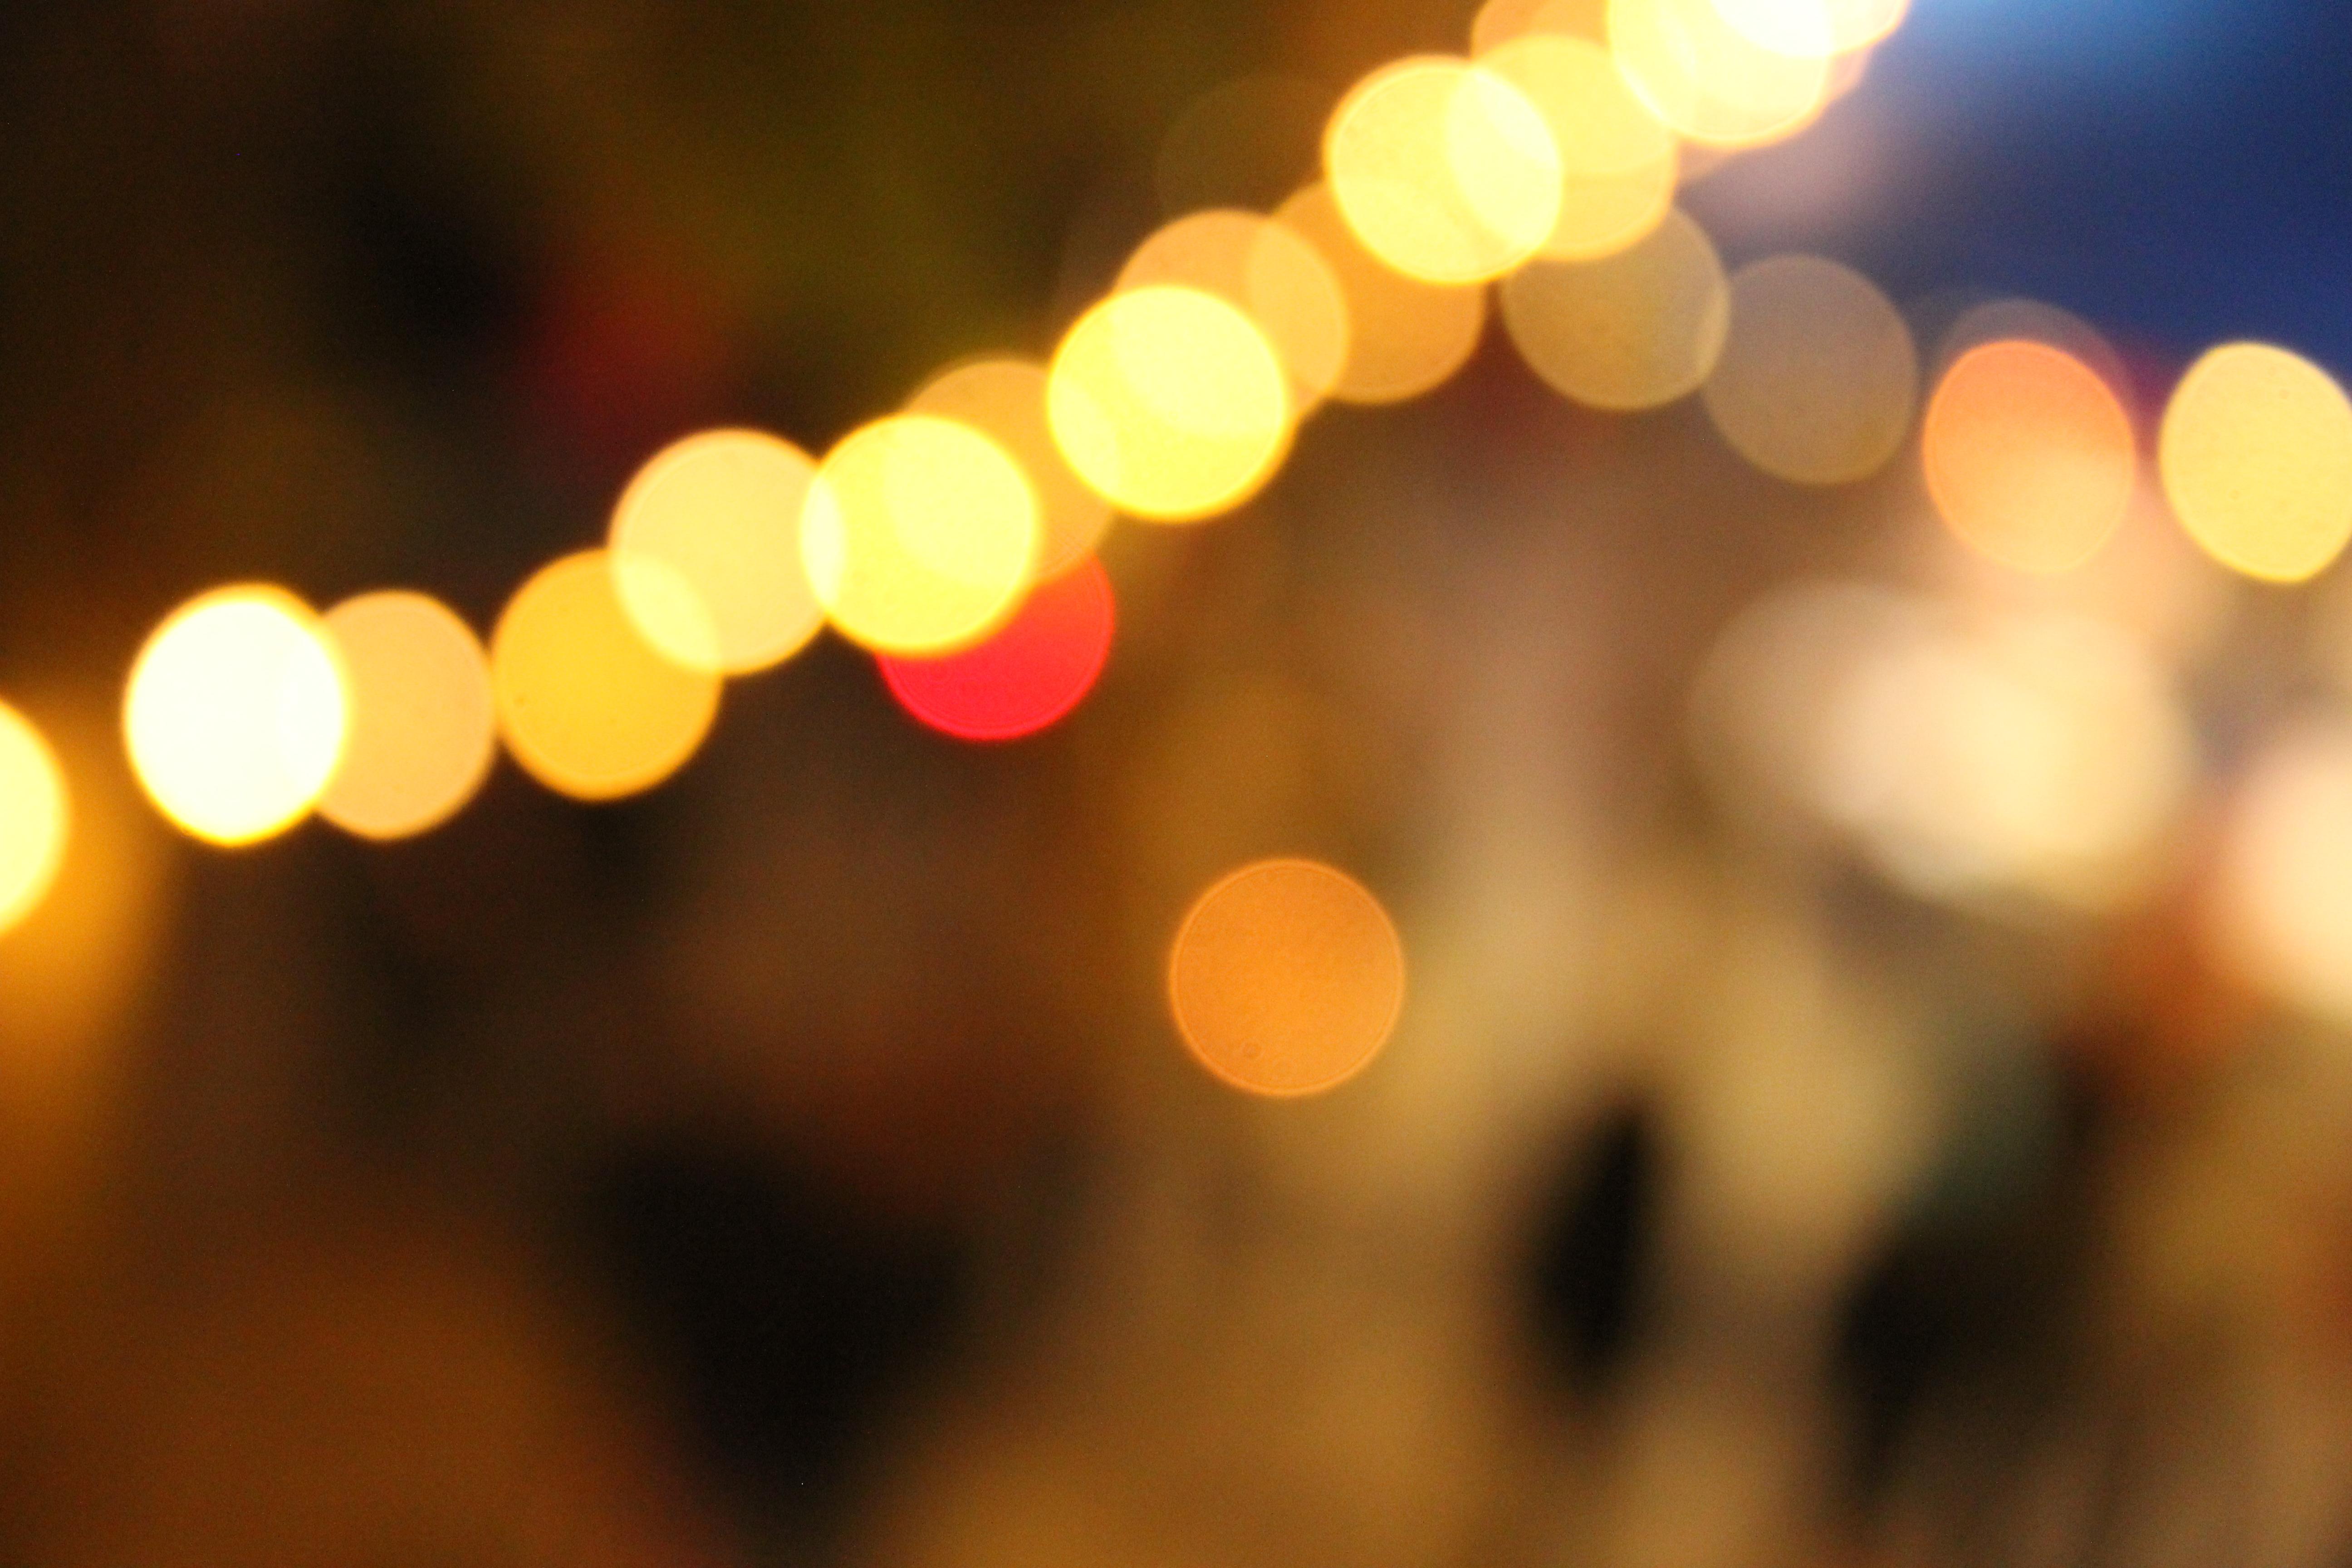 Tunnelmallinen kuva iltavaloista.